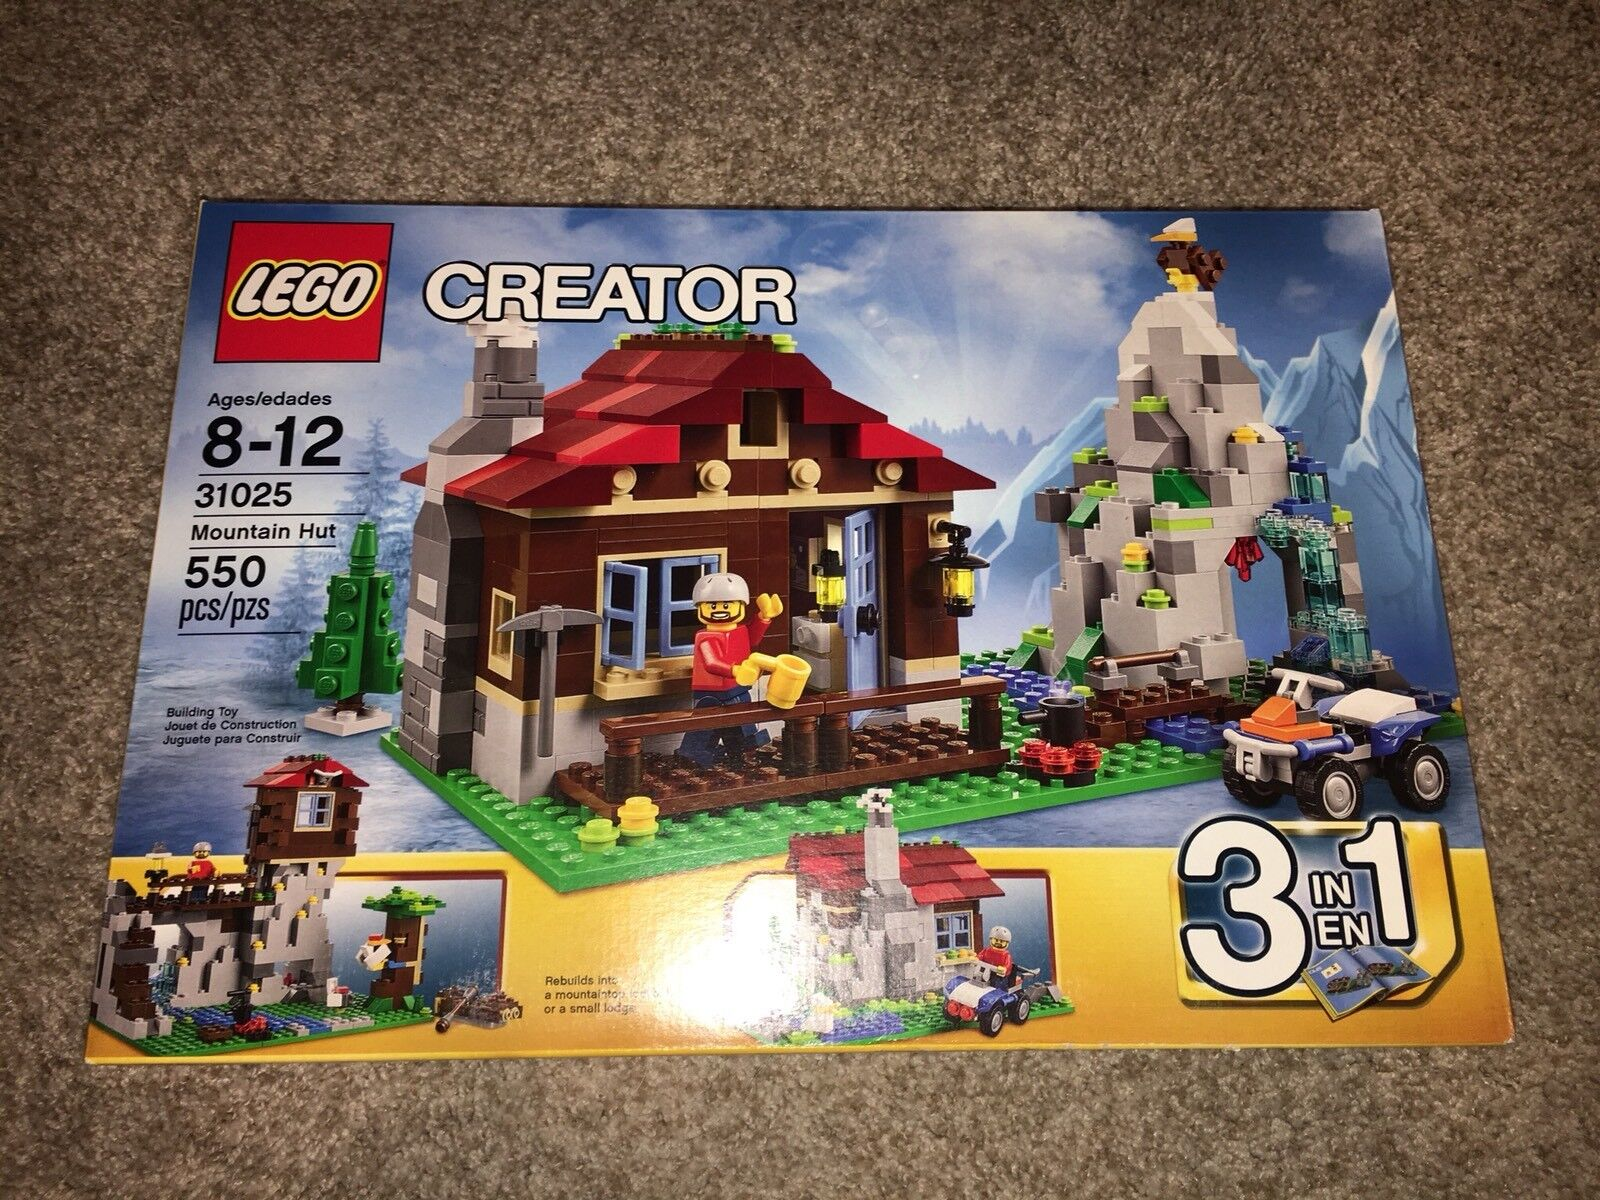 la migliore moda LEGO Creator Mountain Hut (31025) Bre nuovo In scatola scatola scatola  disponibile